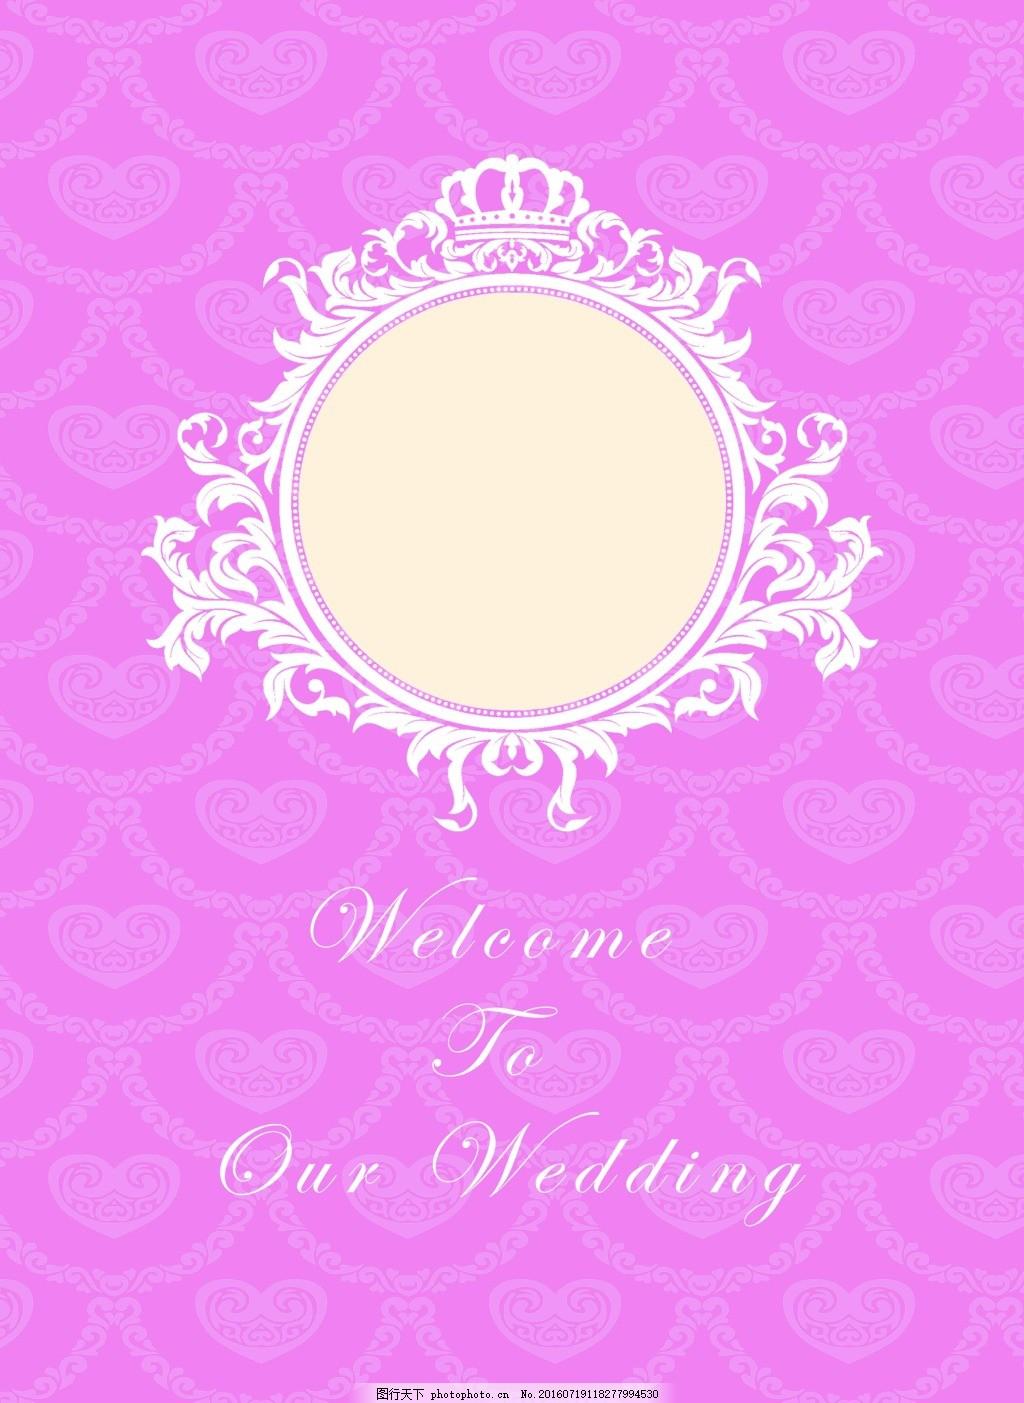 婚礼背景板 背景布 粉色 欧式花框 心形背景